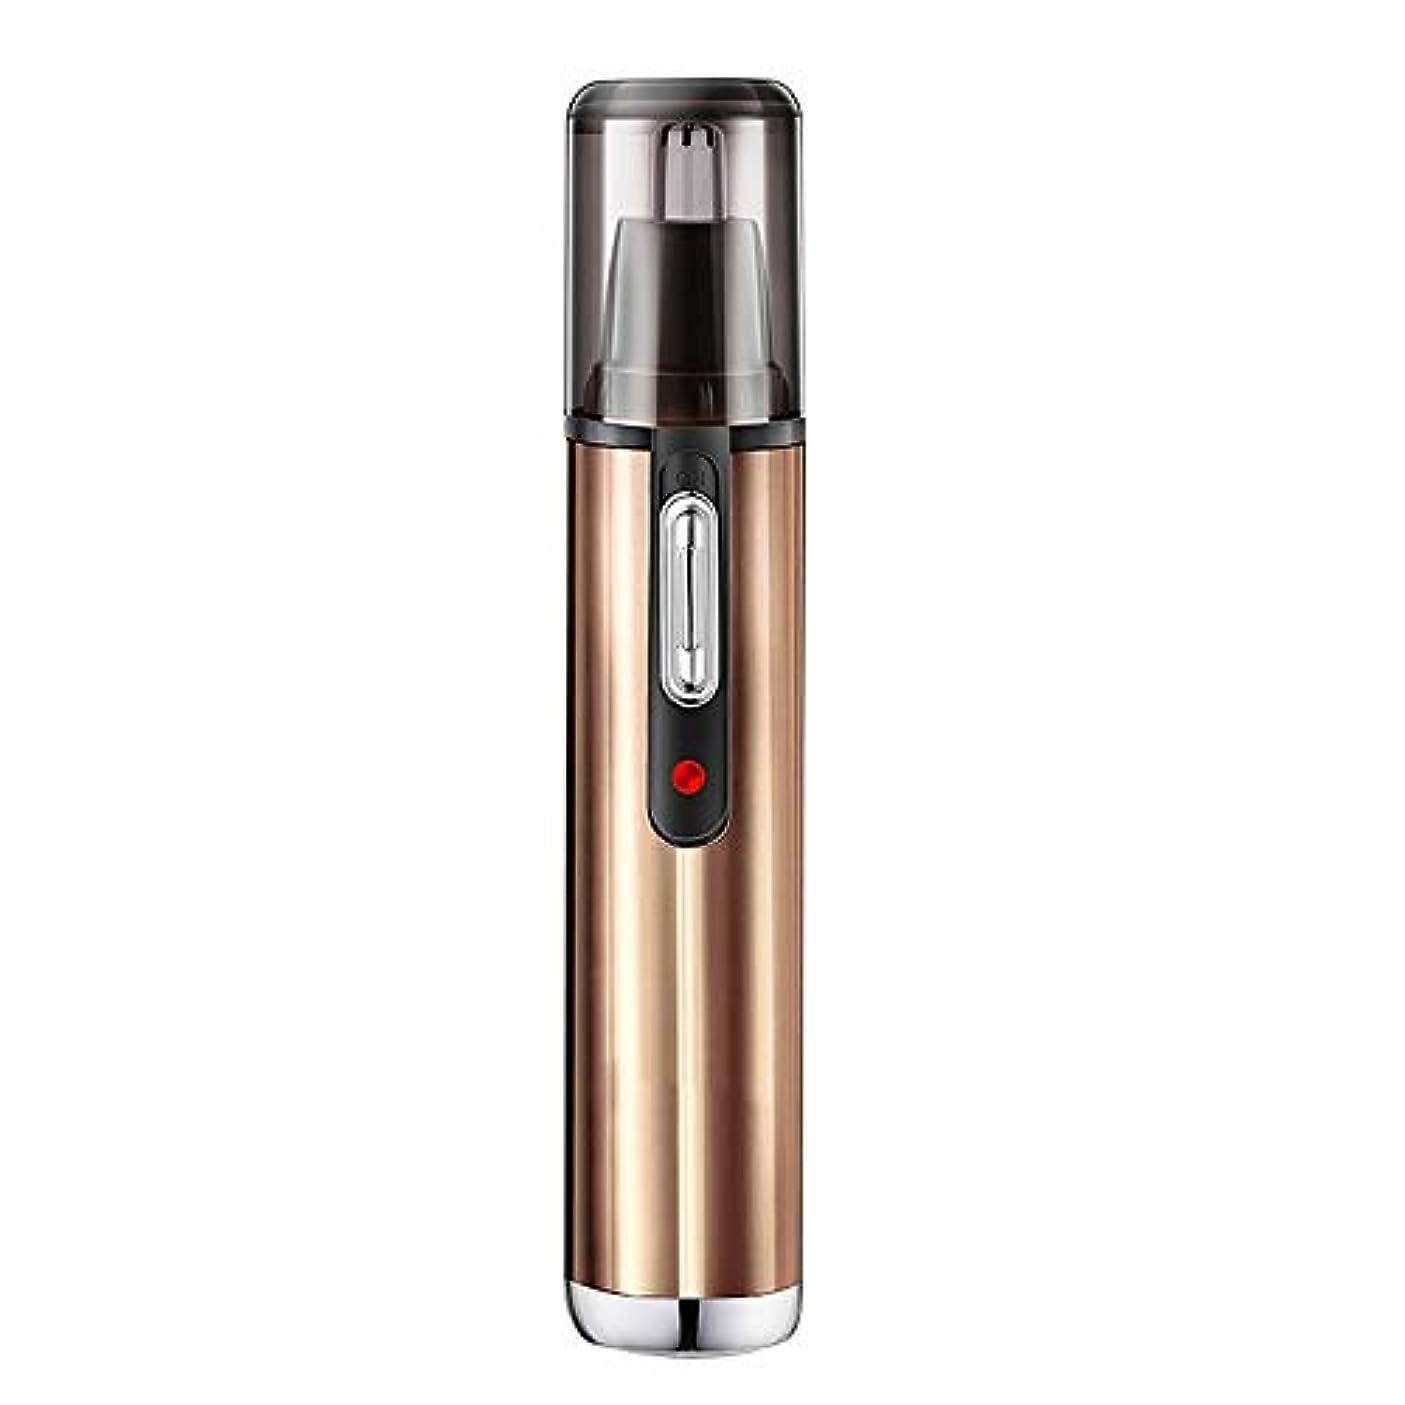 トレーダー代表する公爵夫人ノーズヘアトリマー/LED充電インジケータライト/内蔵360°回転カッターヘッド/ヘッドクリーニング可能/サイレントデザイン/プッシュアウト電子スイッチ/幅広いアプリケーション 持つ価値があります